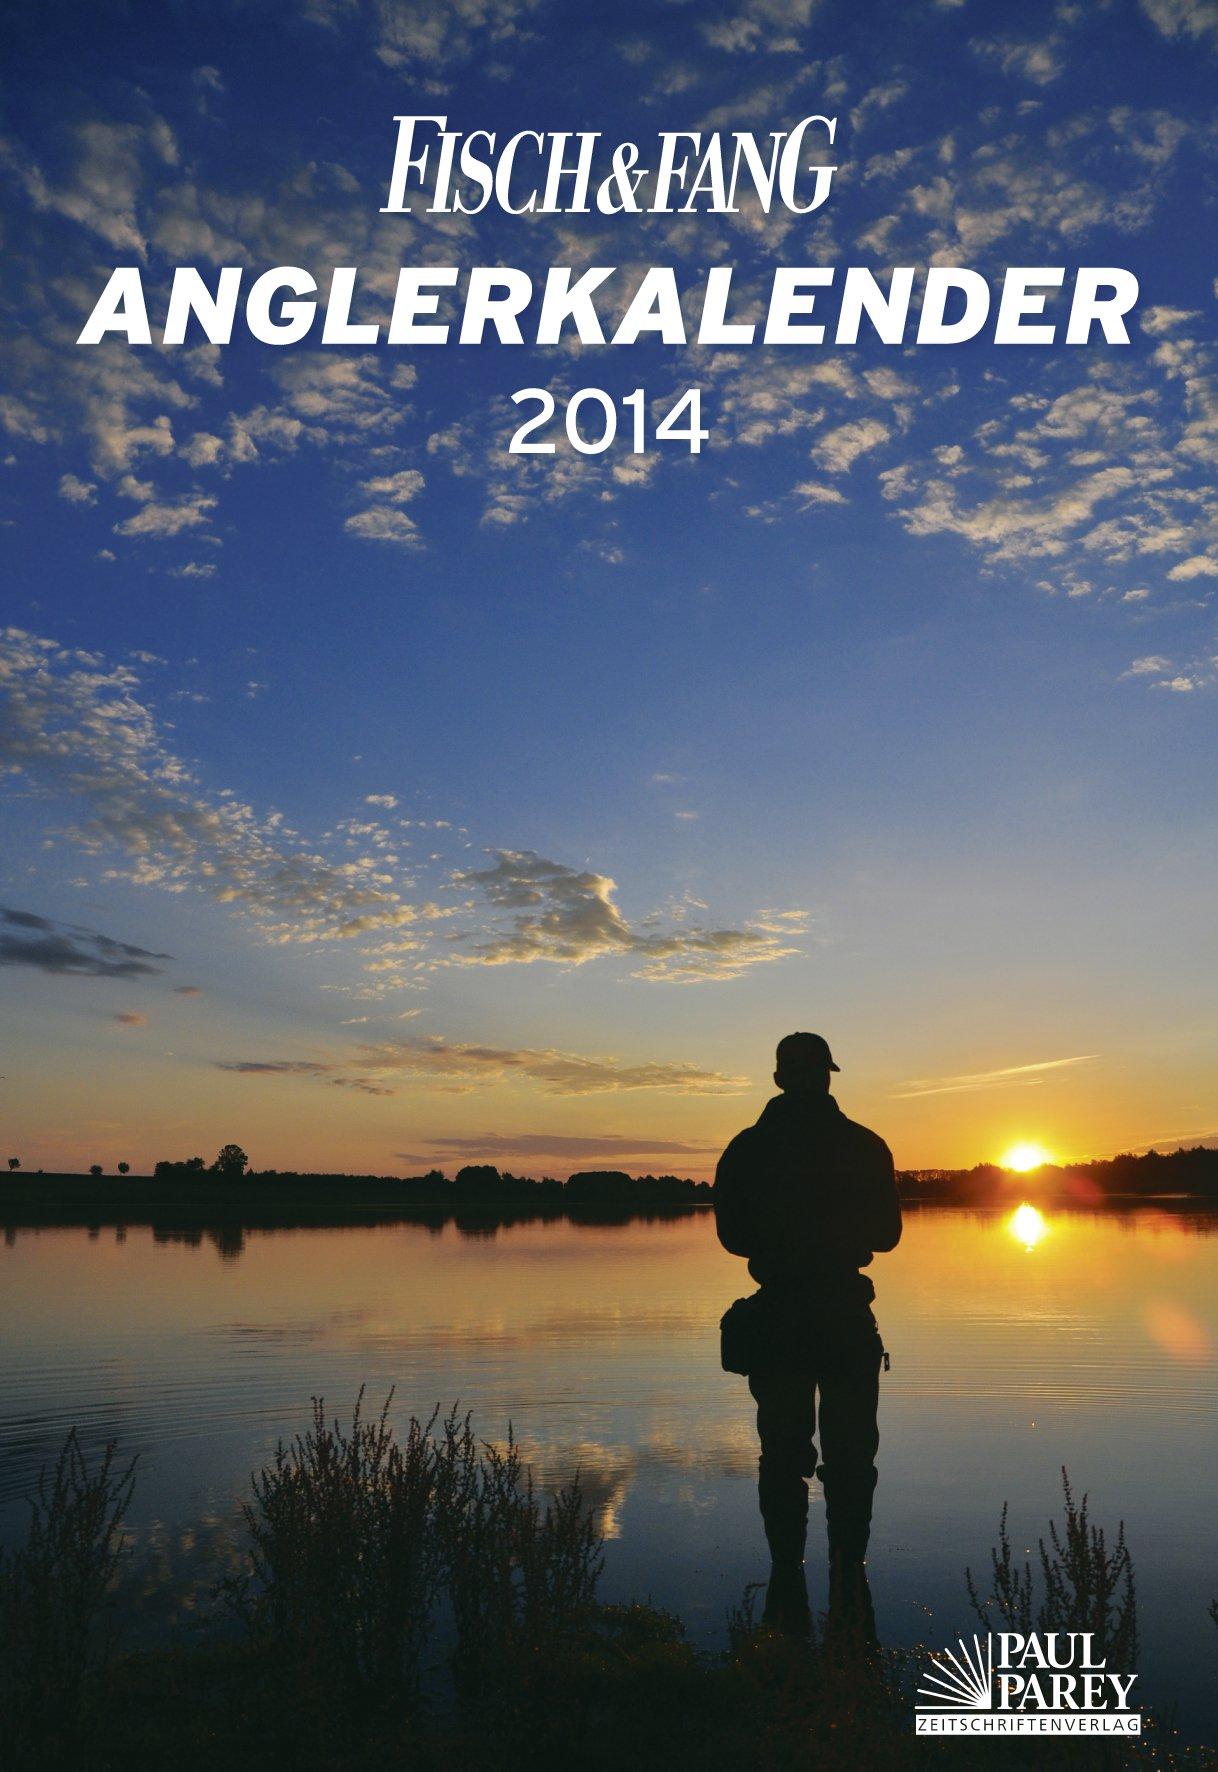 Anglerkalender 2014: Von Fisch & Fang